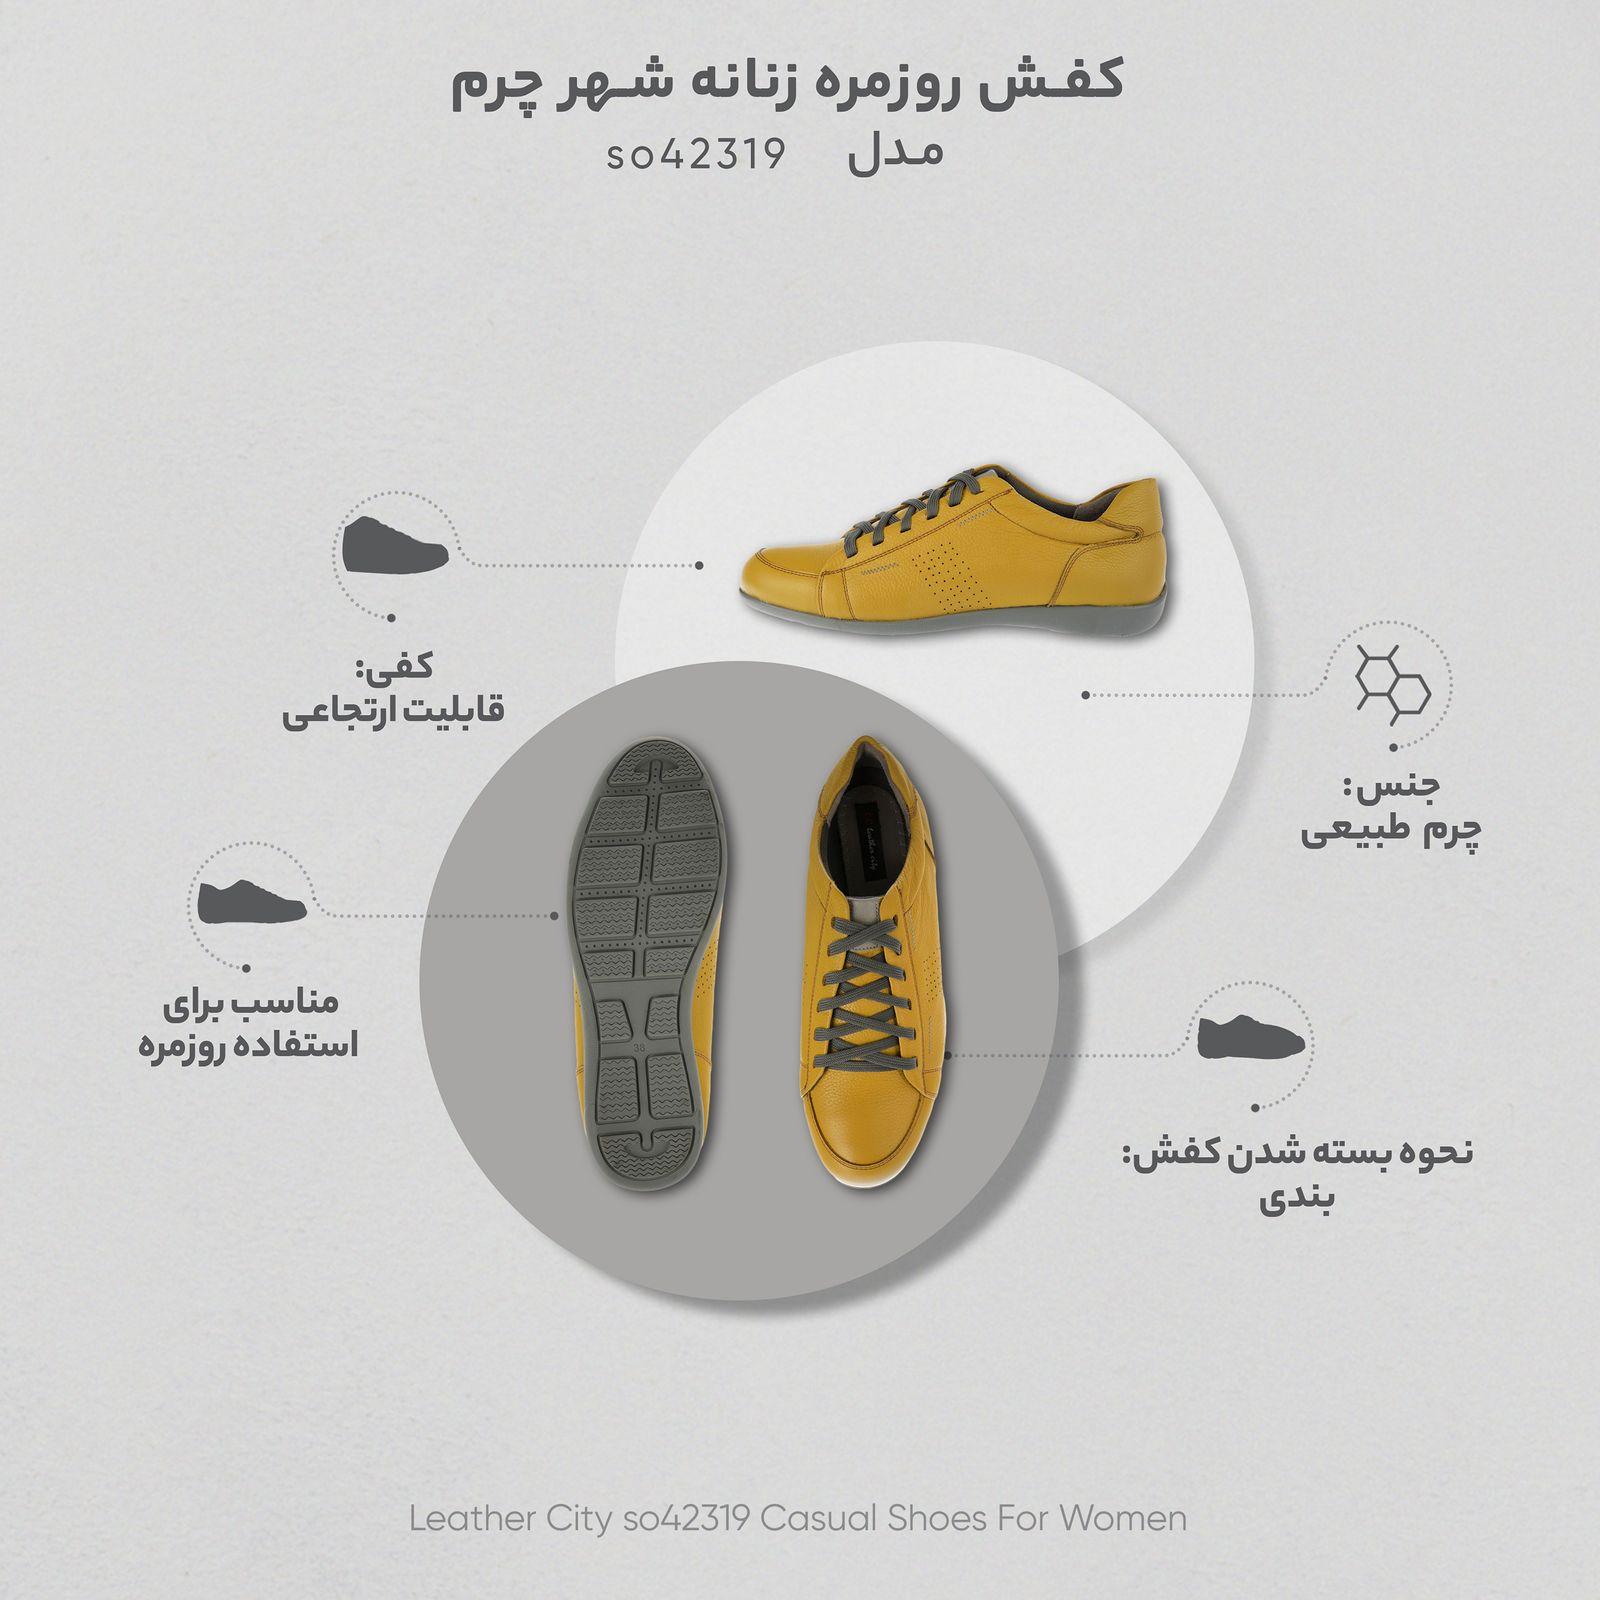 کفش روزمره زنانه شهر چرم مدل so42319 -  - 4